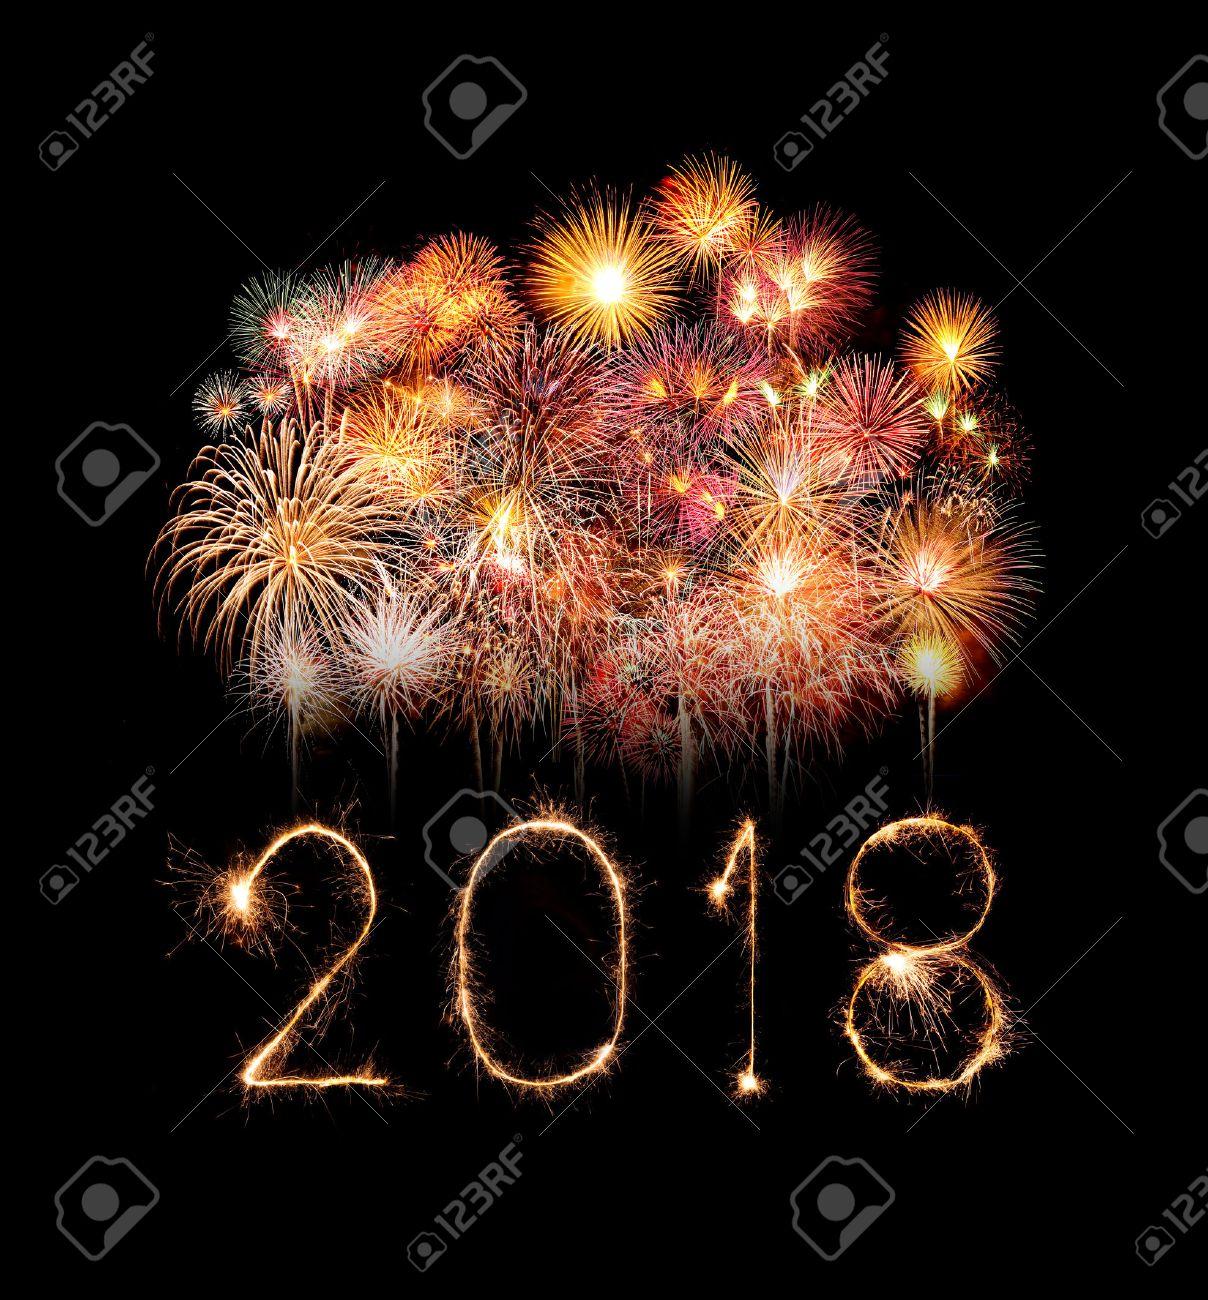 Bonne année 2018 écrite avec feu d'artifice Sparkle la nuit Banque d'images - 87099027